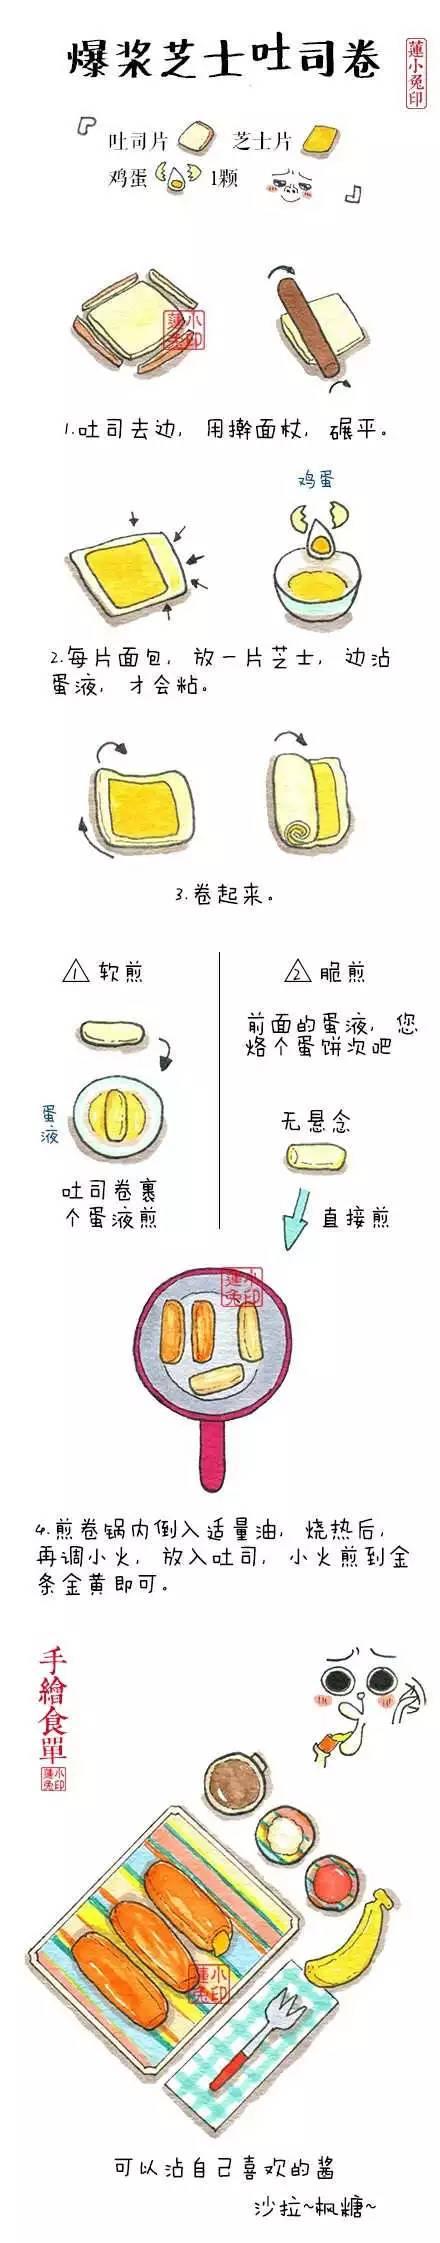 超萌的手绘吐司菜谱,看完秒变烘焙高手!